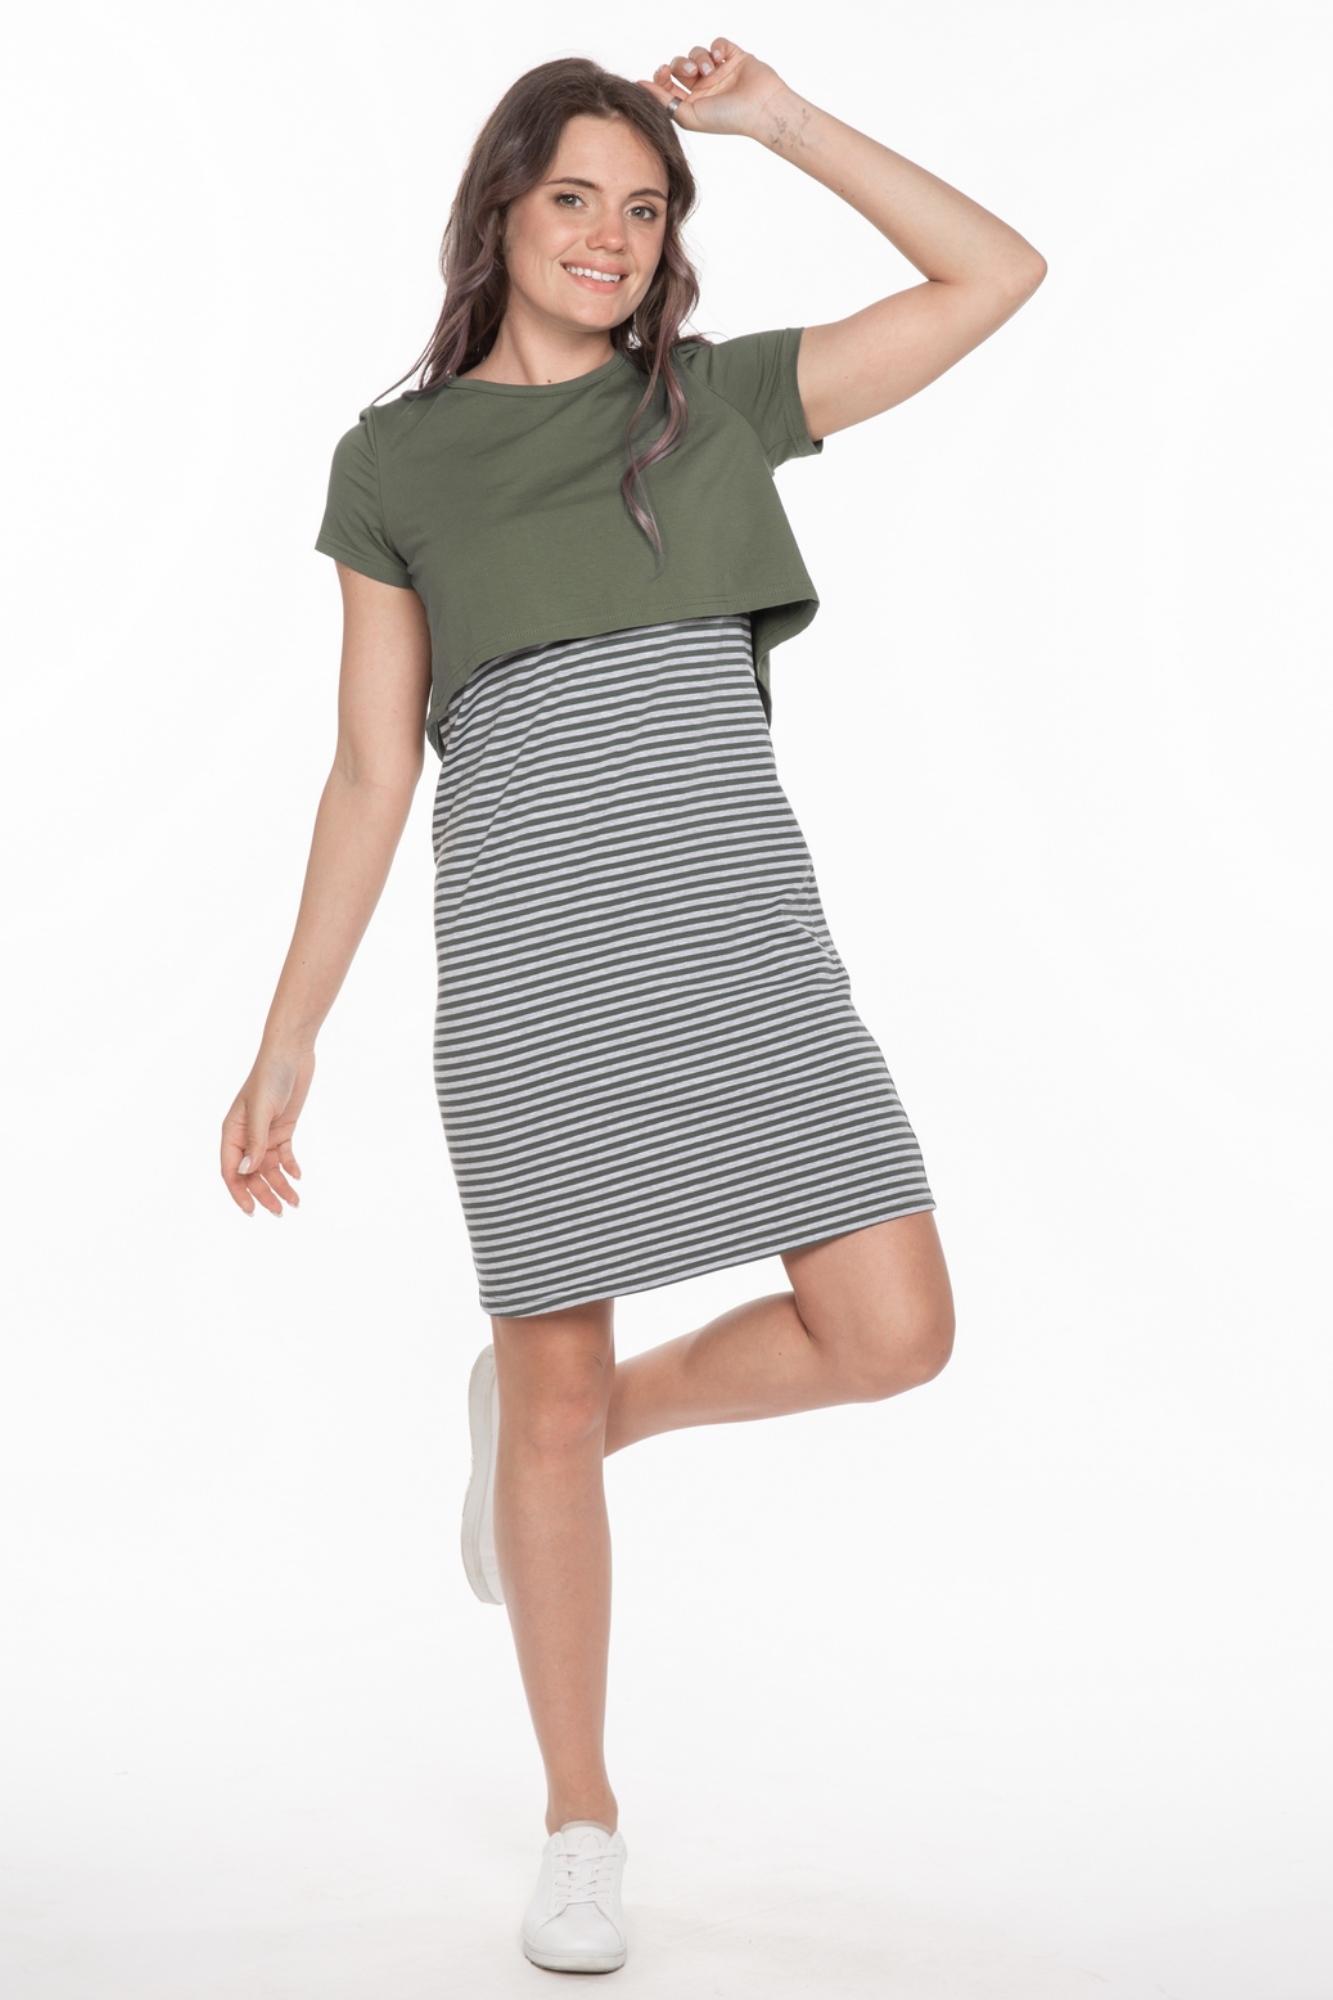 Фото платье для беременных и кормящих Magica bellezza от магазина СкороМама, хаки, размеры.